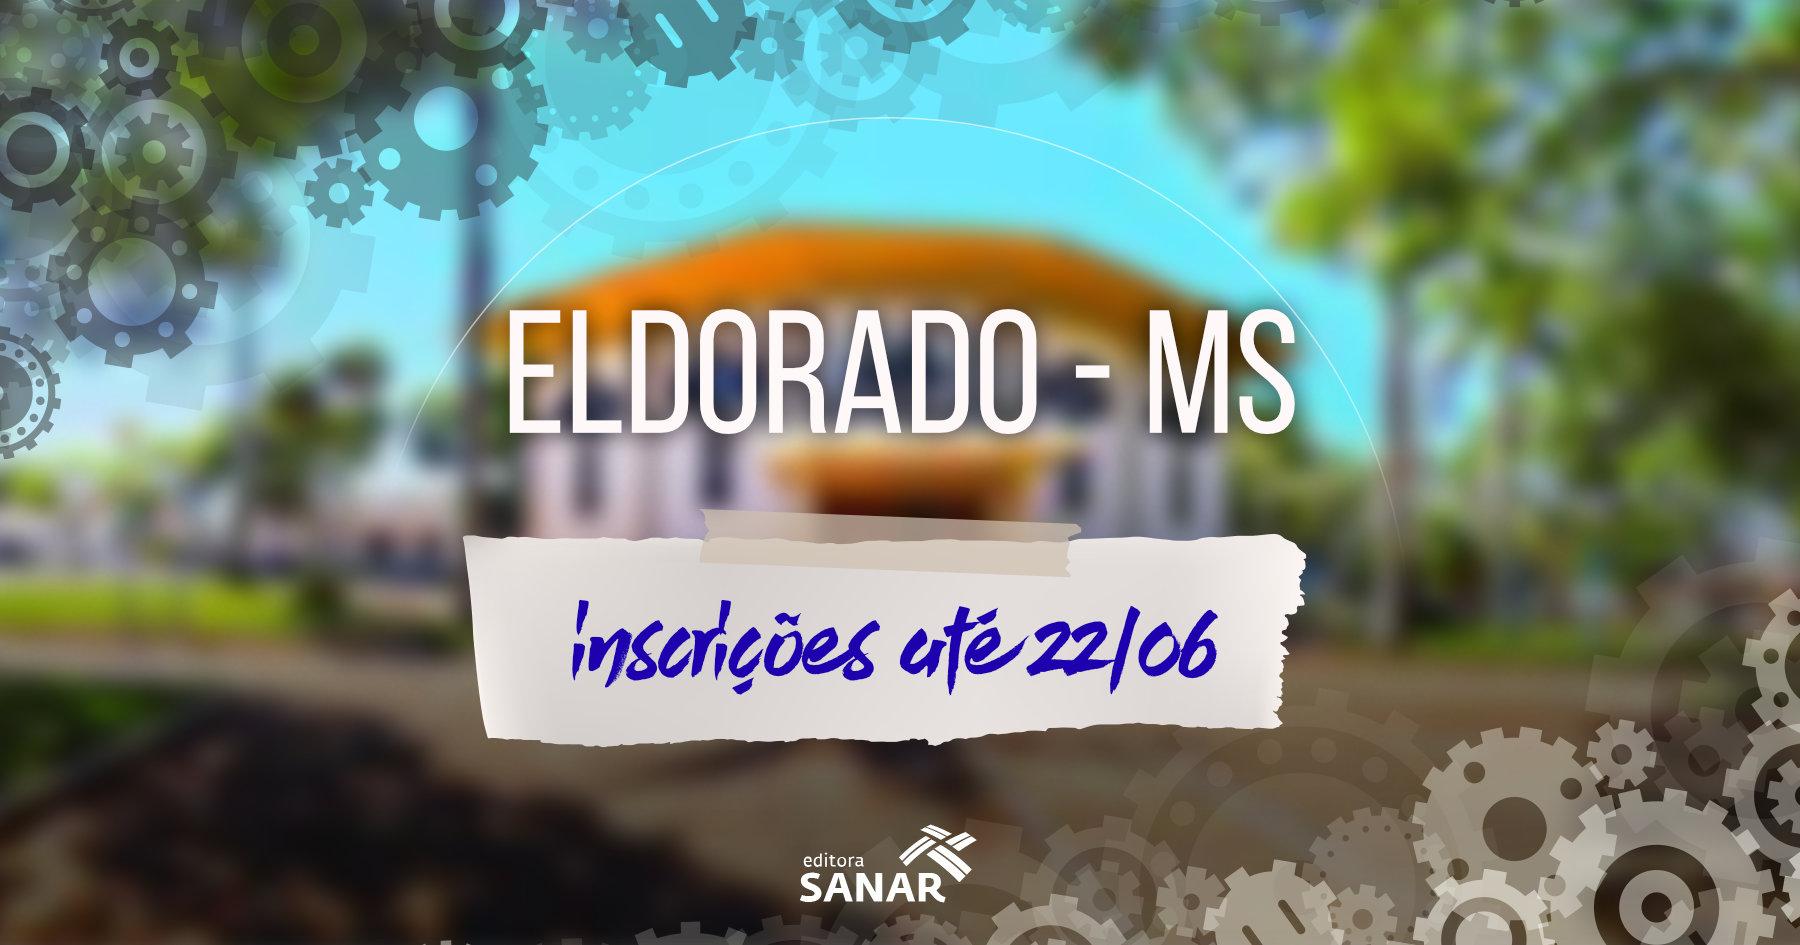 Seleção | Eldorado (MS) tem vagas para Médicos e Fisioterapeutas